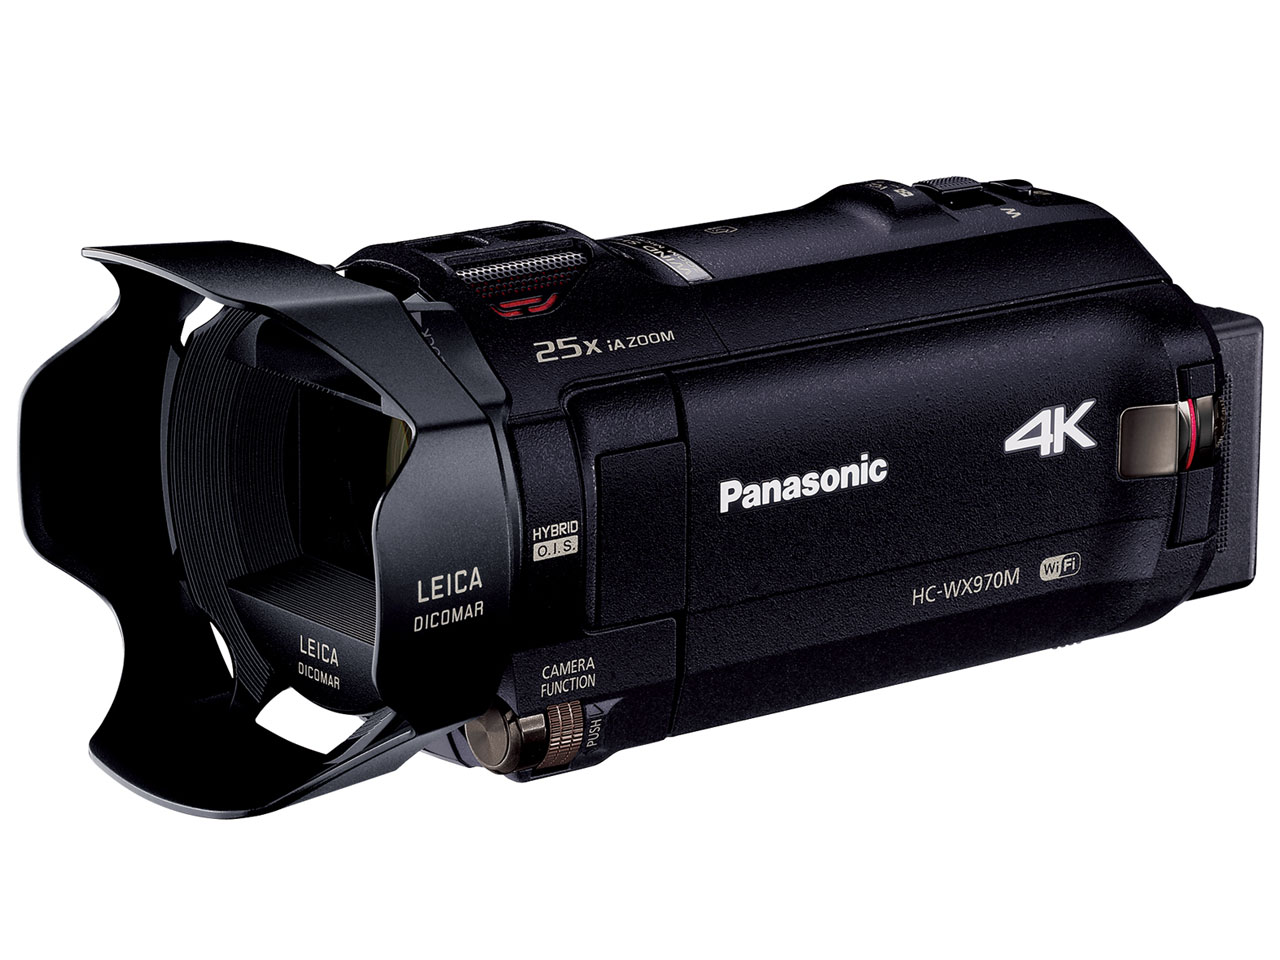 HC-WX970M の製品画像